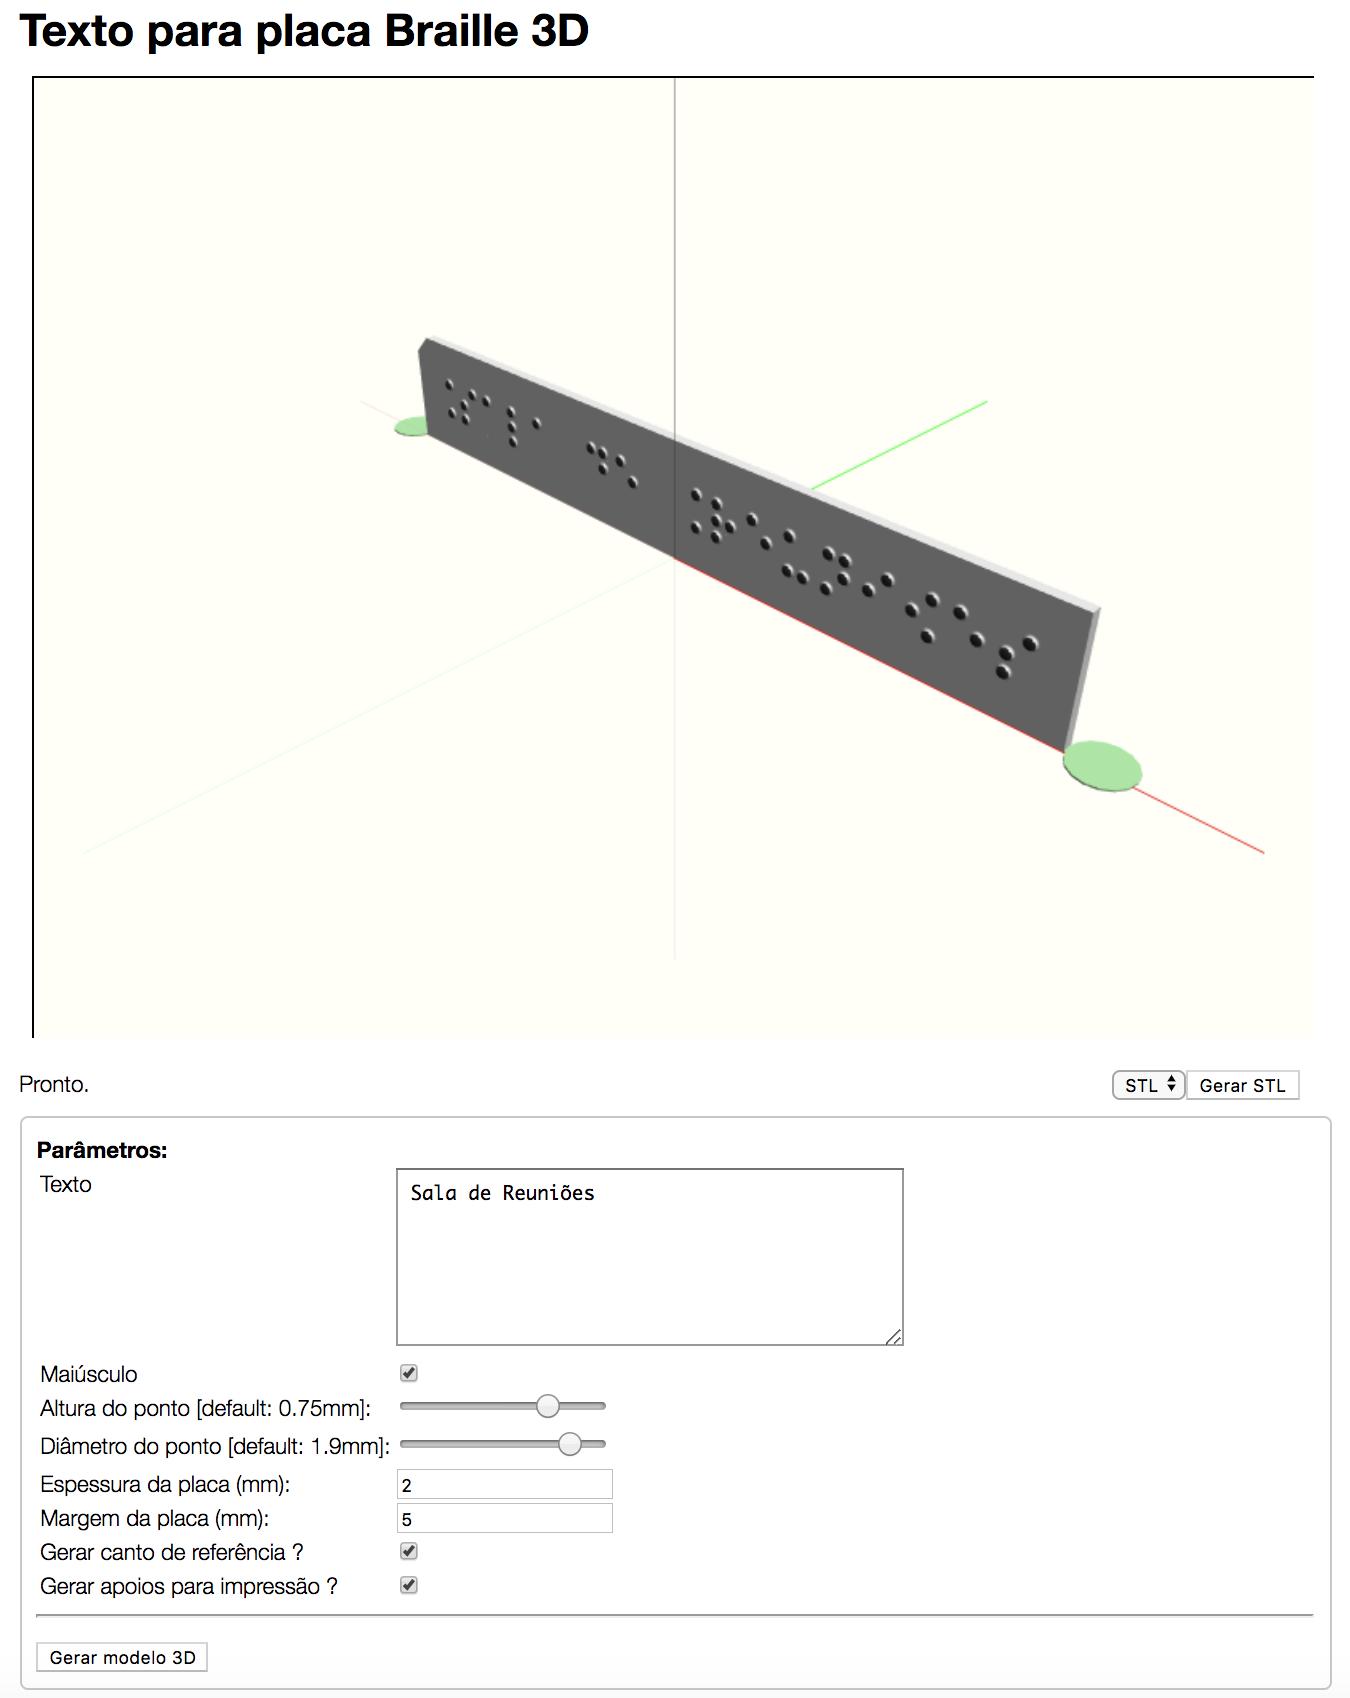 Interface da ferramenta contendo o campo para inserir o texto, os parâmetros para impressão da placa e a área onde a placa é gerada